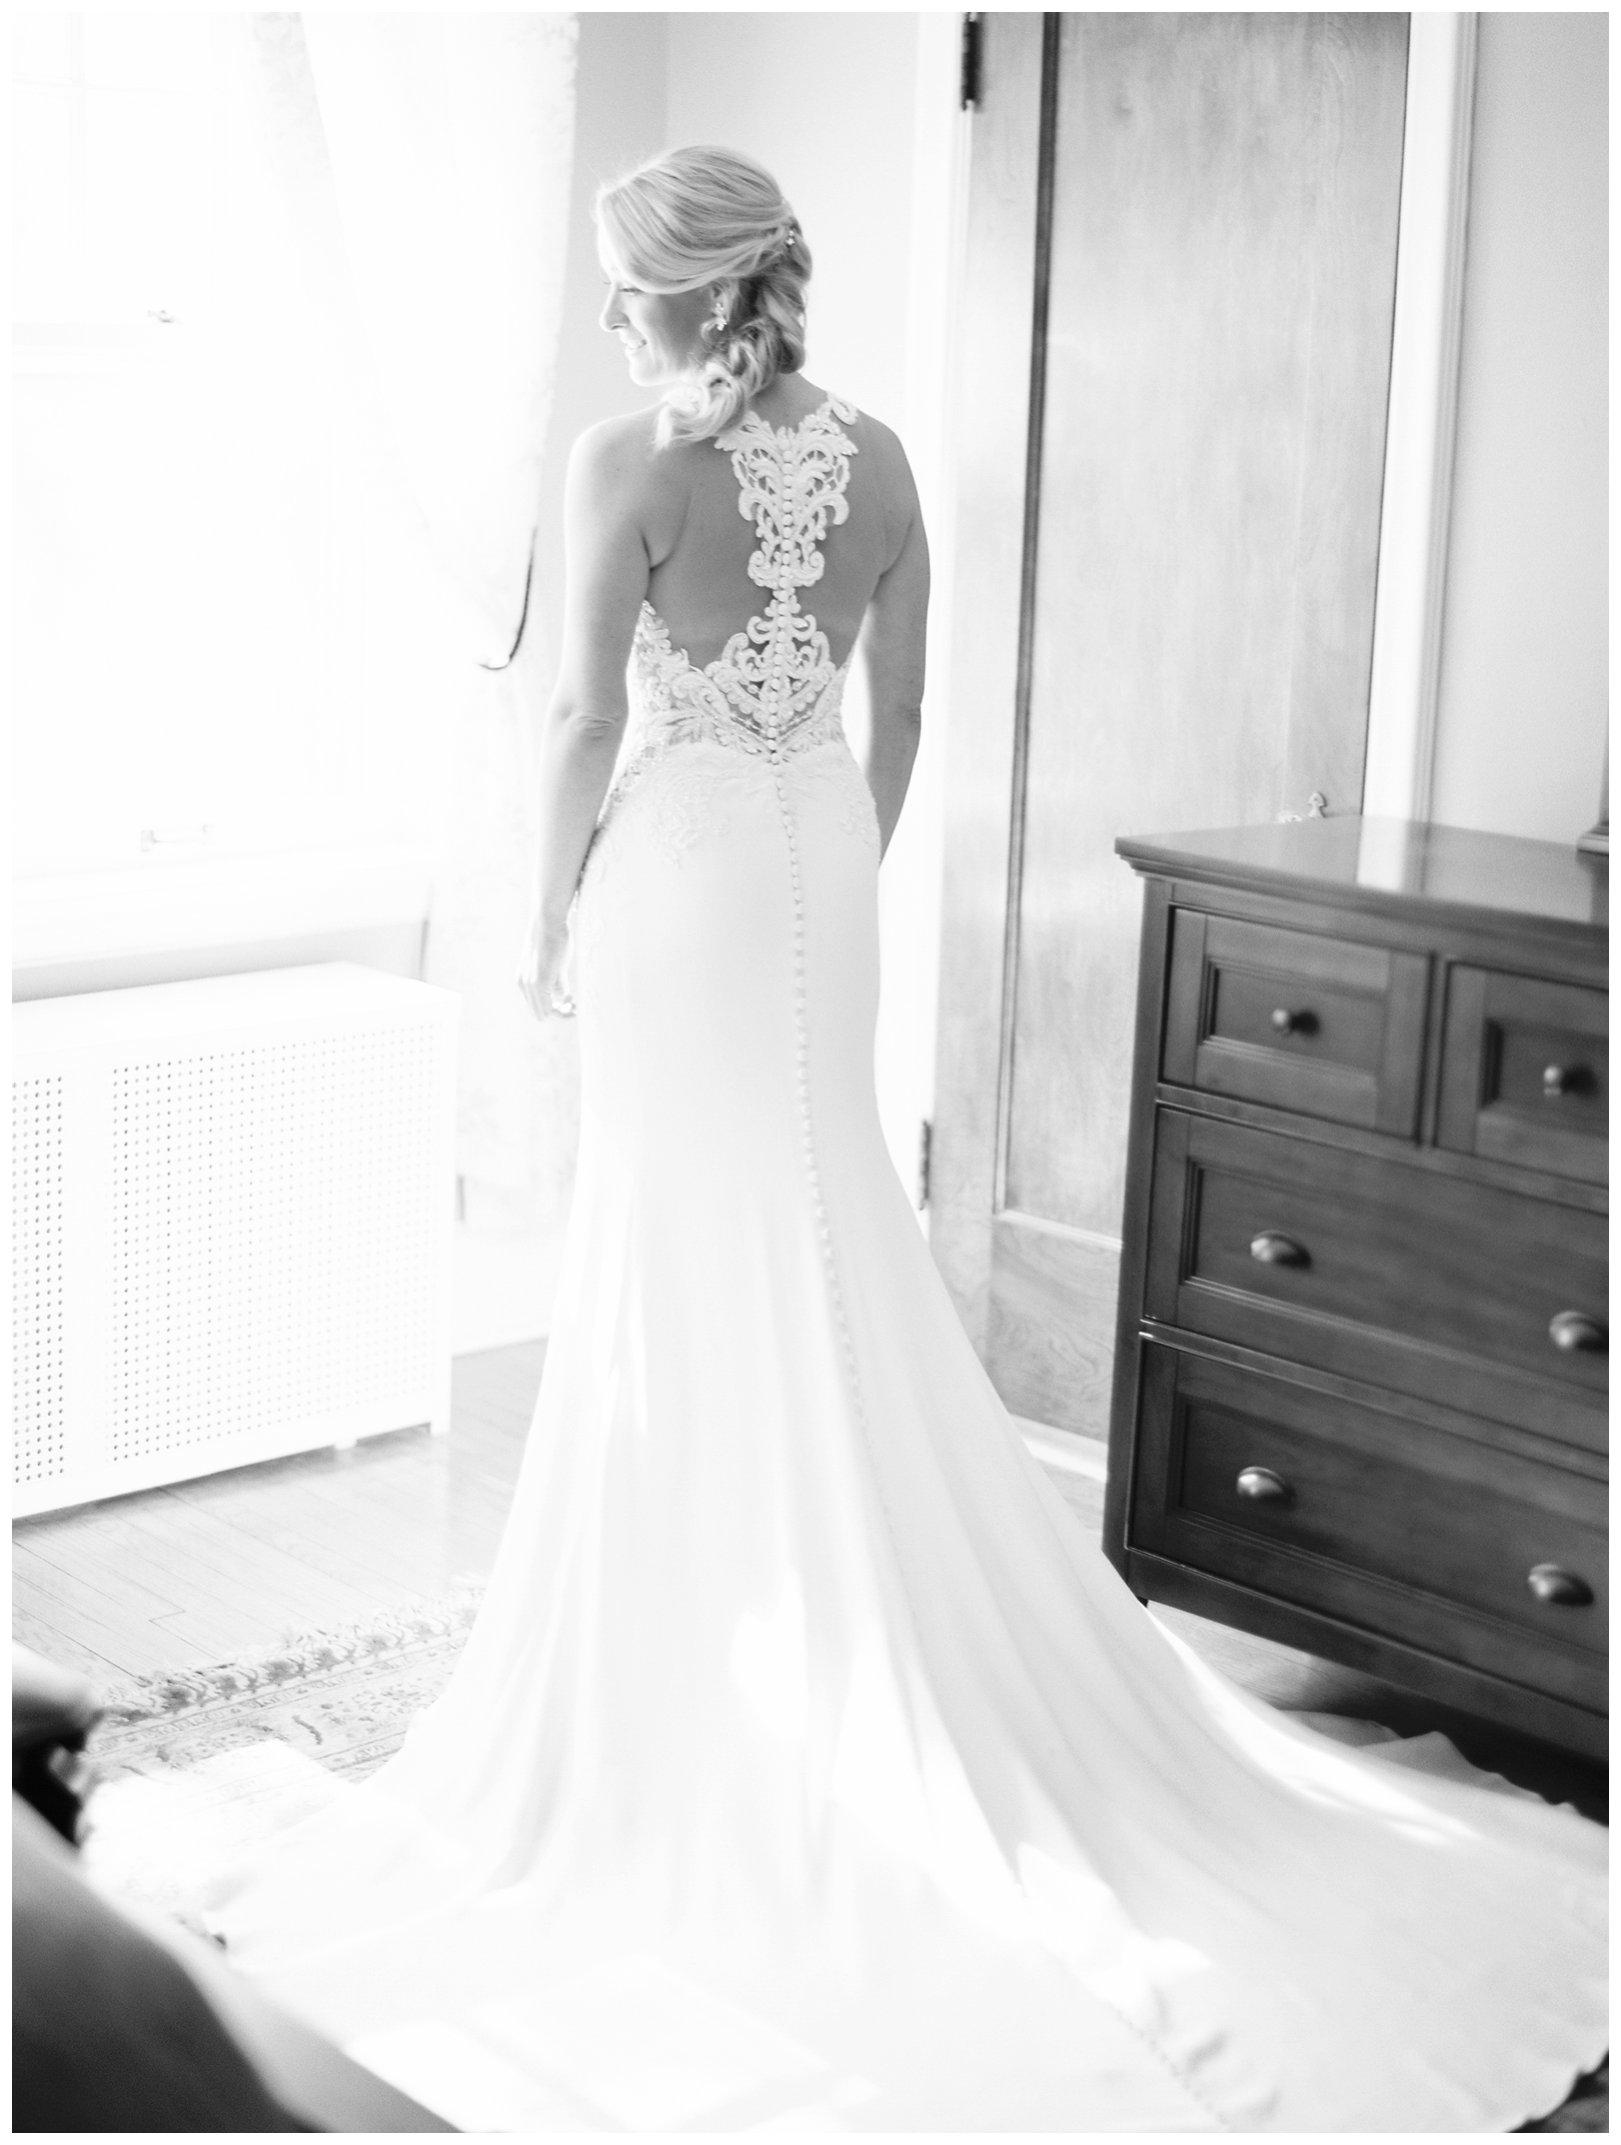 lauren muckler photography_fine art film wedding photography_st louis_photography_2411.jpg